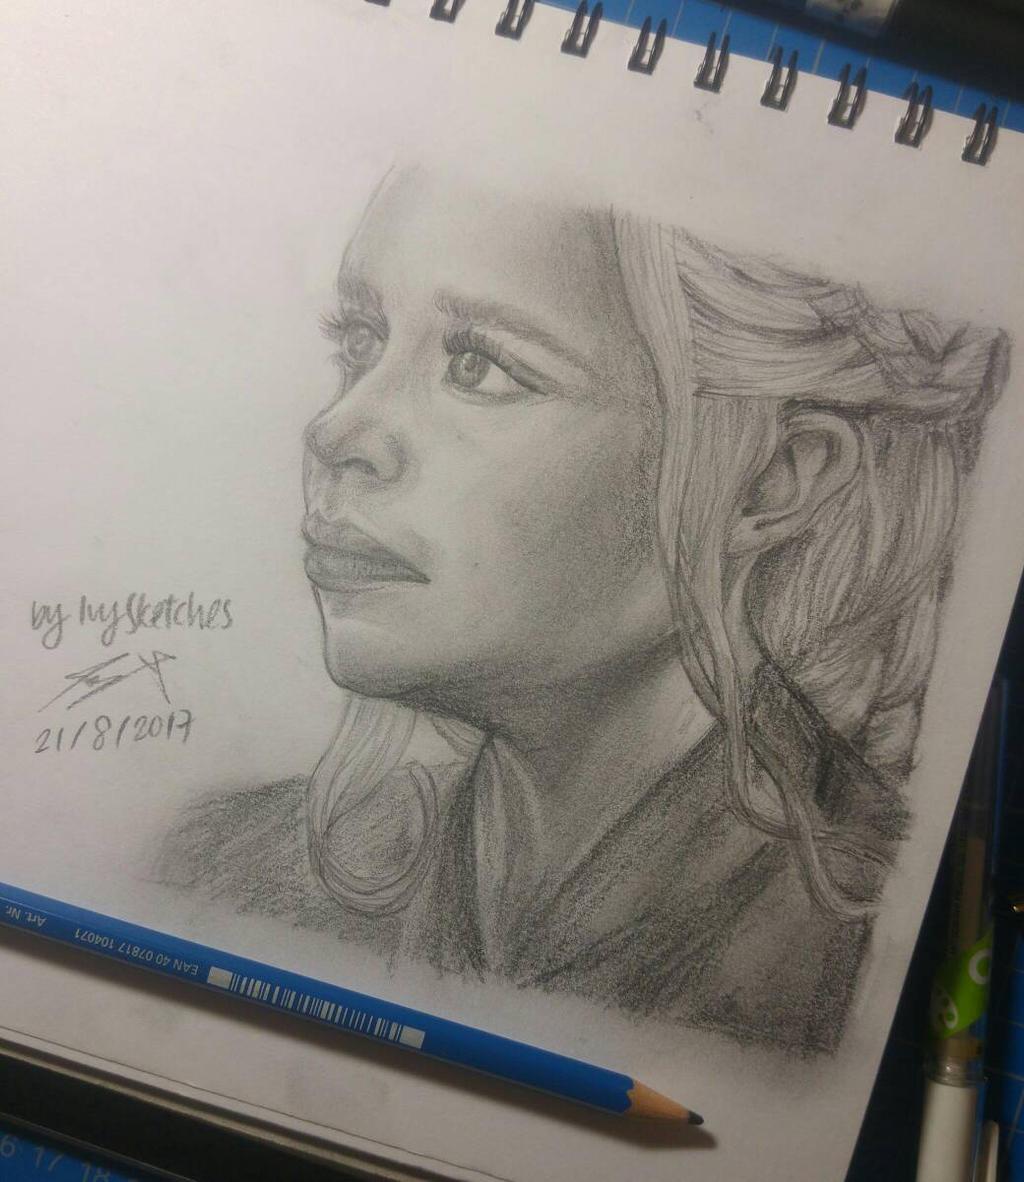 Daenerys Targaryen sketch by ppeach444